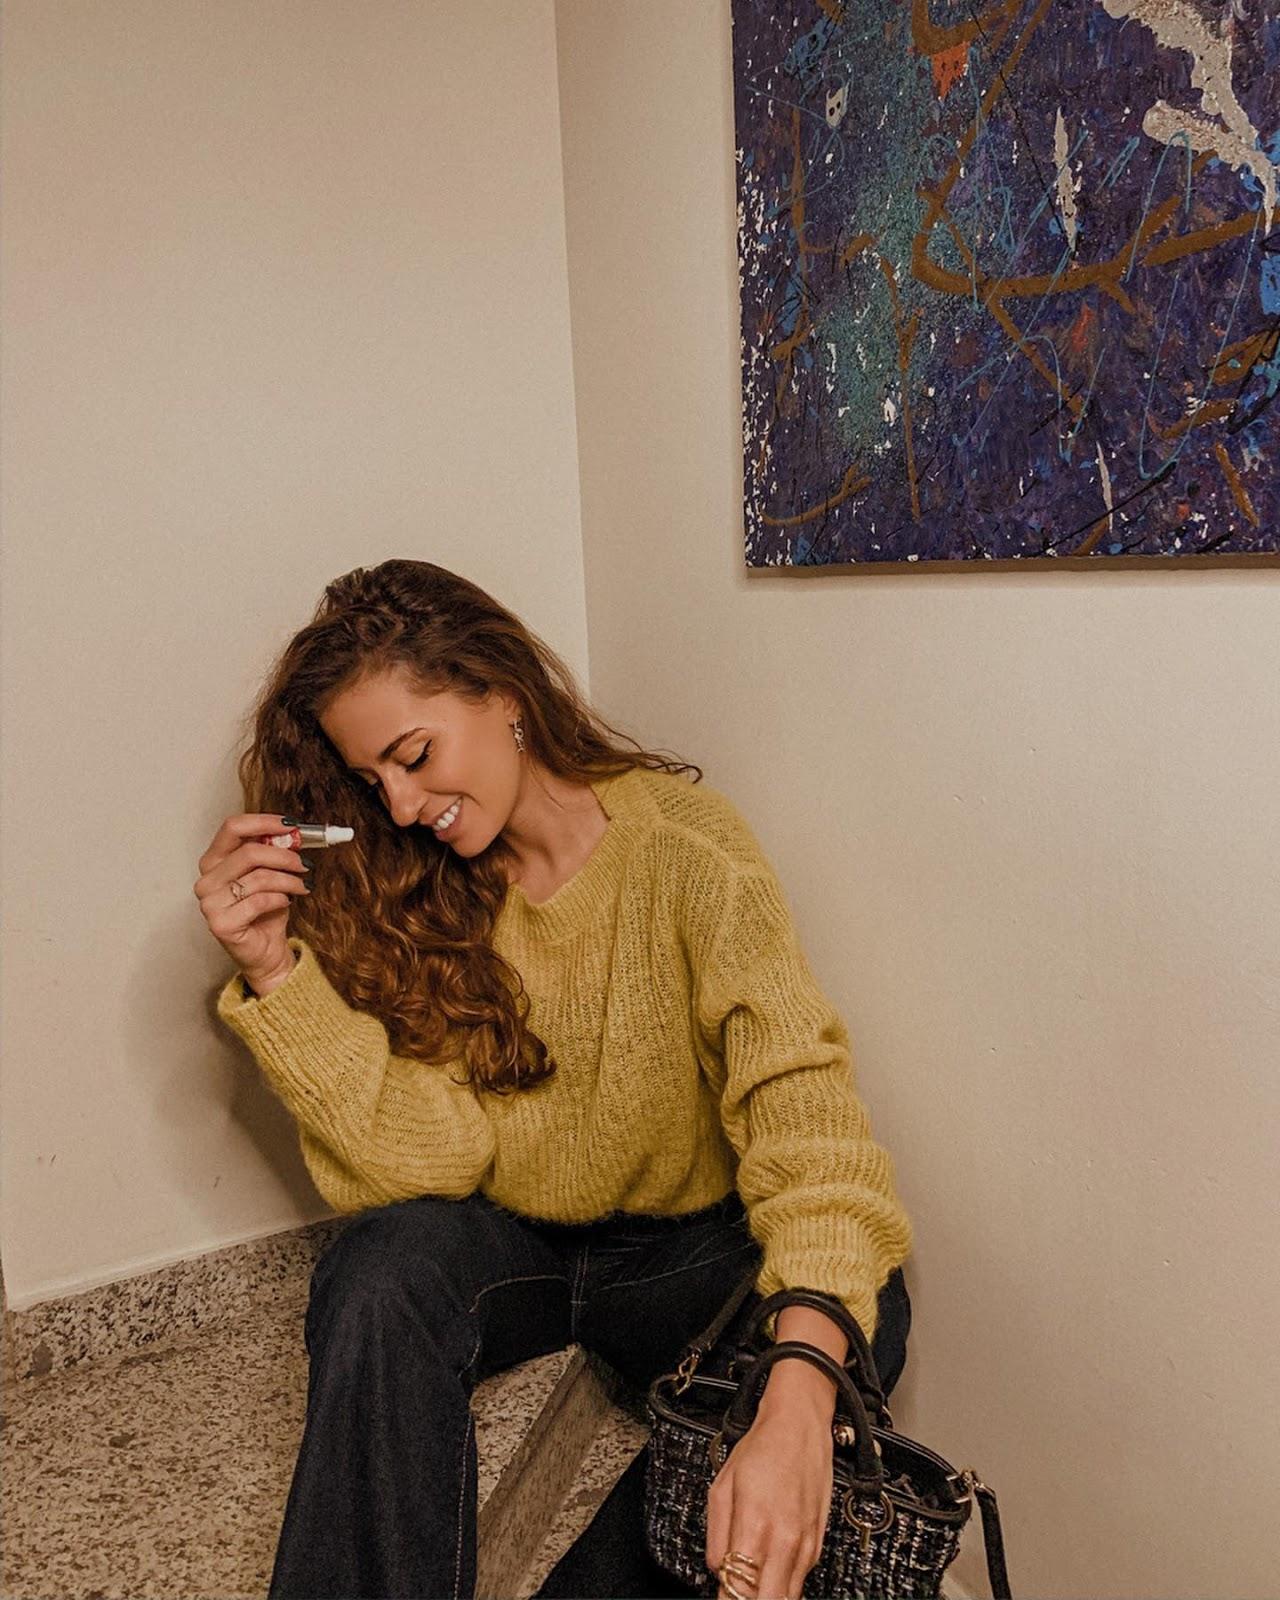 armocromia: la teoria delle stagioni e dei colori amici, armocromia, Valentina Rago, Fashion Need, colori amici, stagione autunno, fashion blog italia